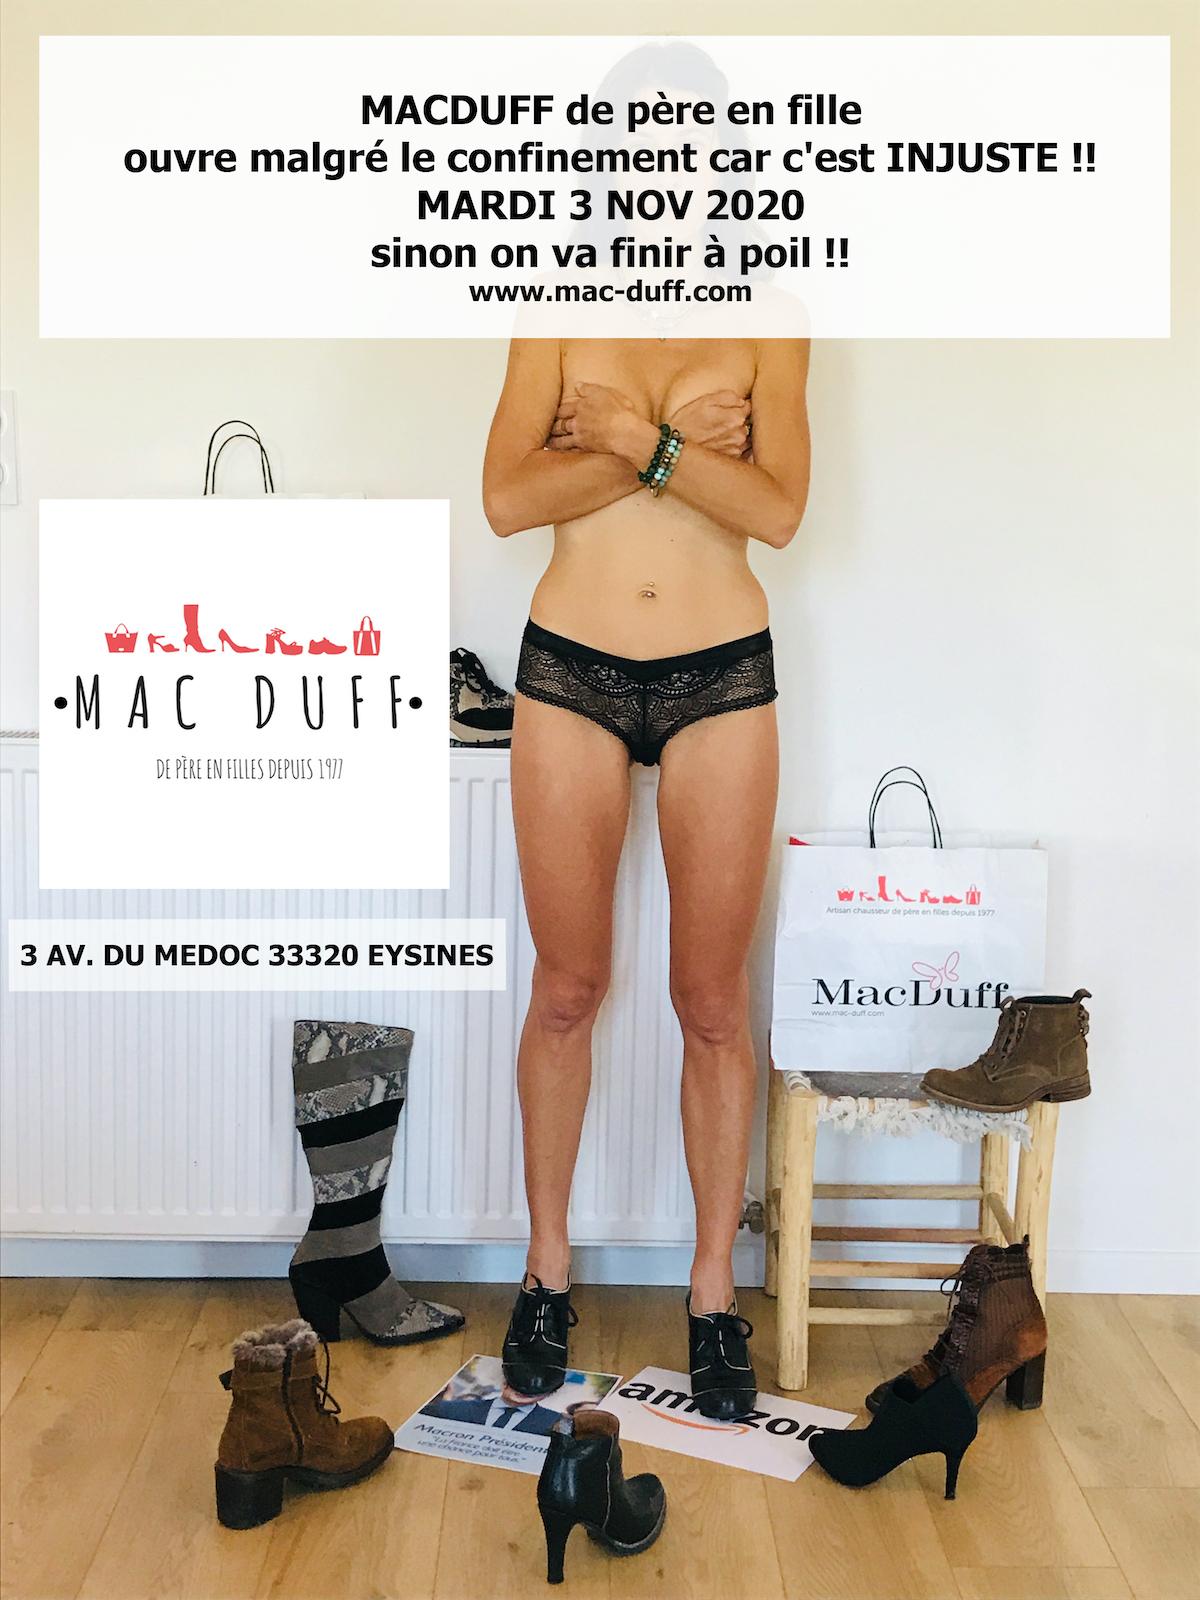 MACDUFF EYSINES OUVRE mardi 3 NOVEMBRE malgrè le CON-finement !!!